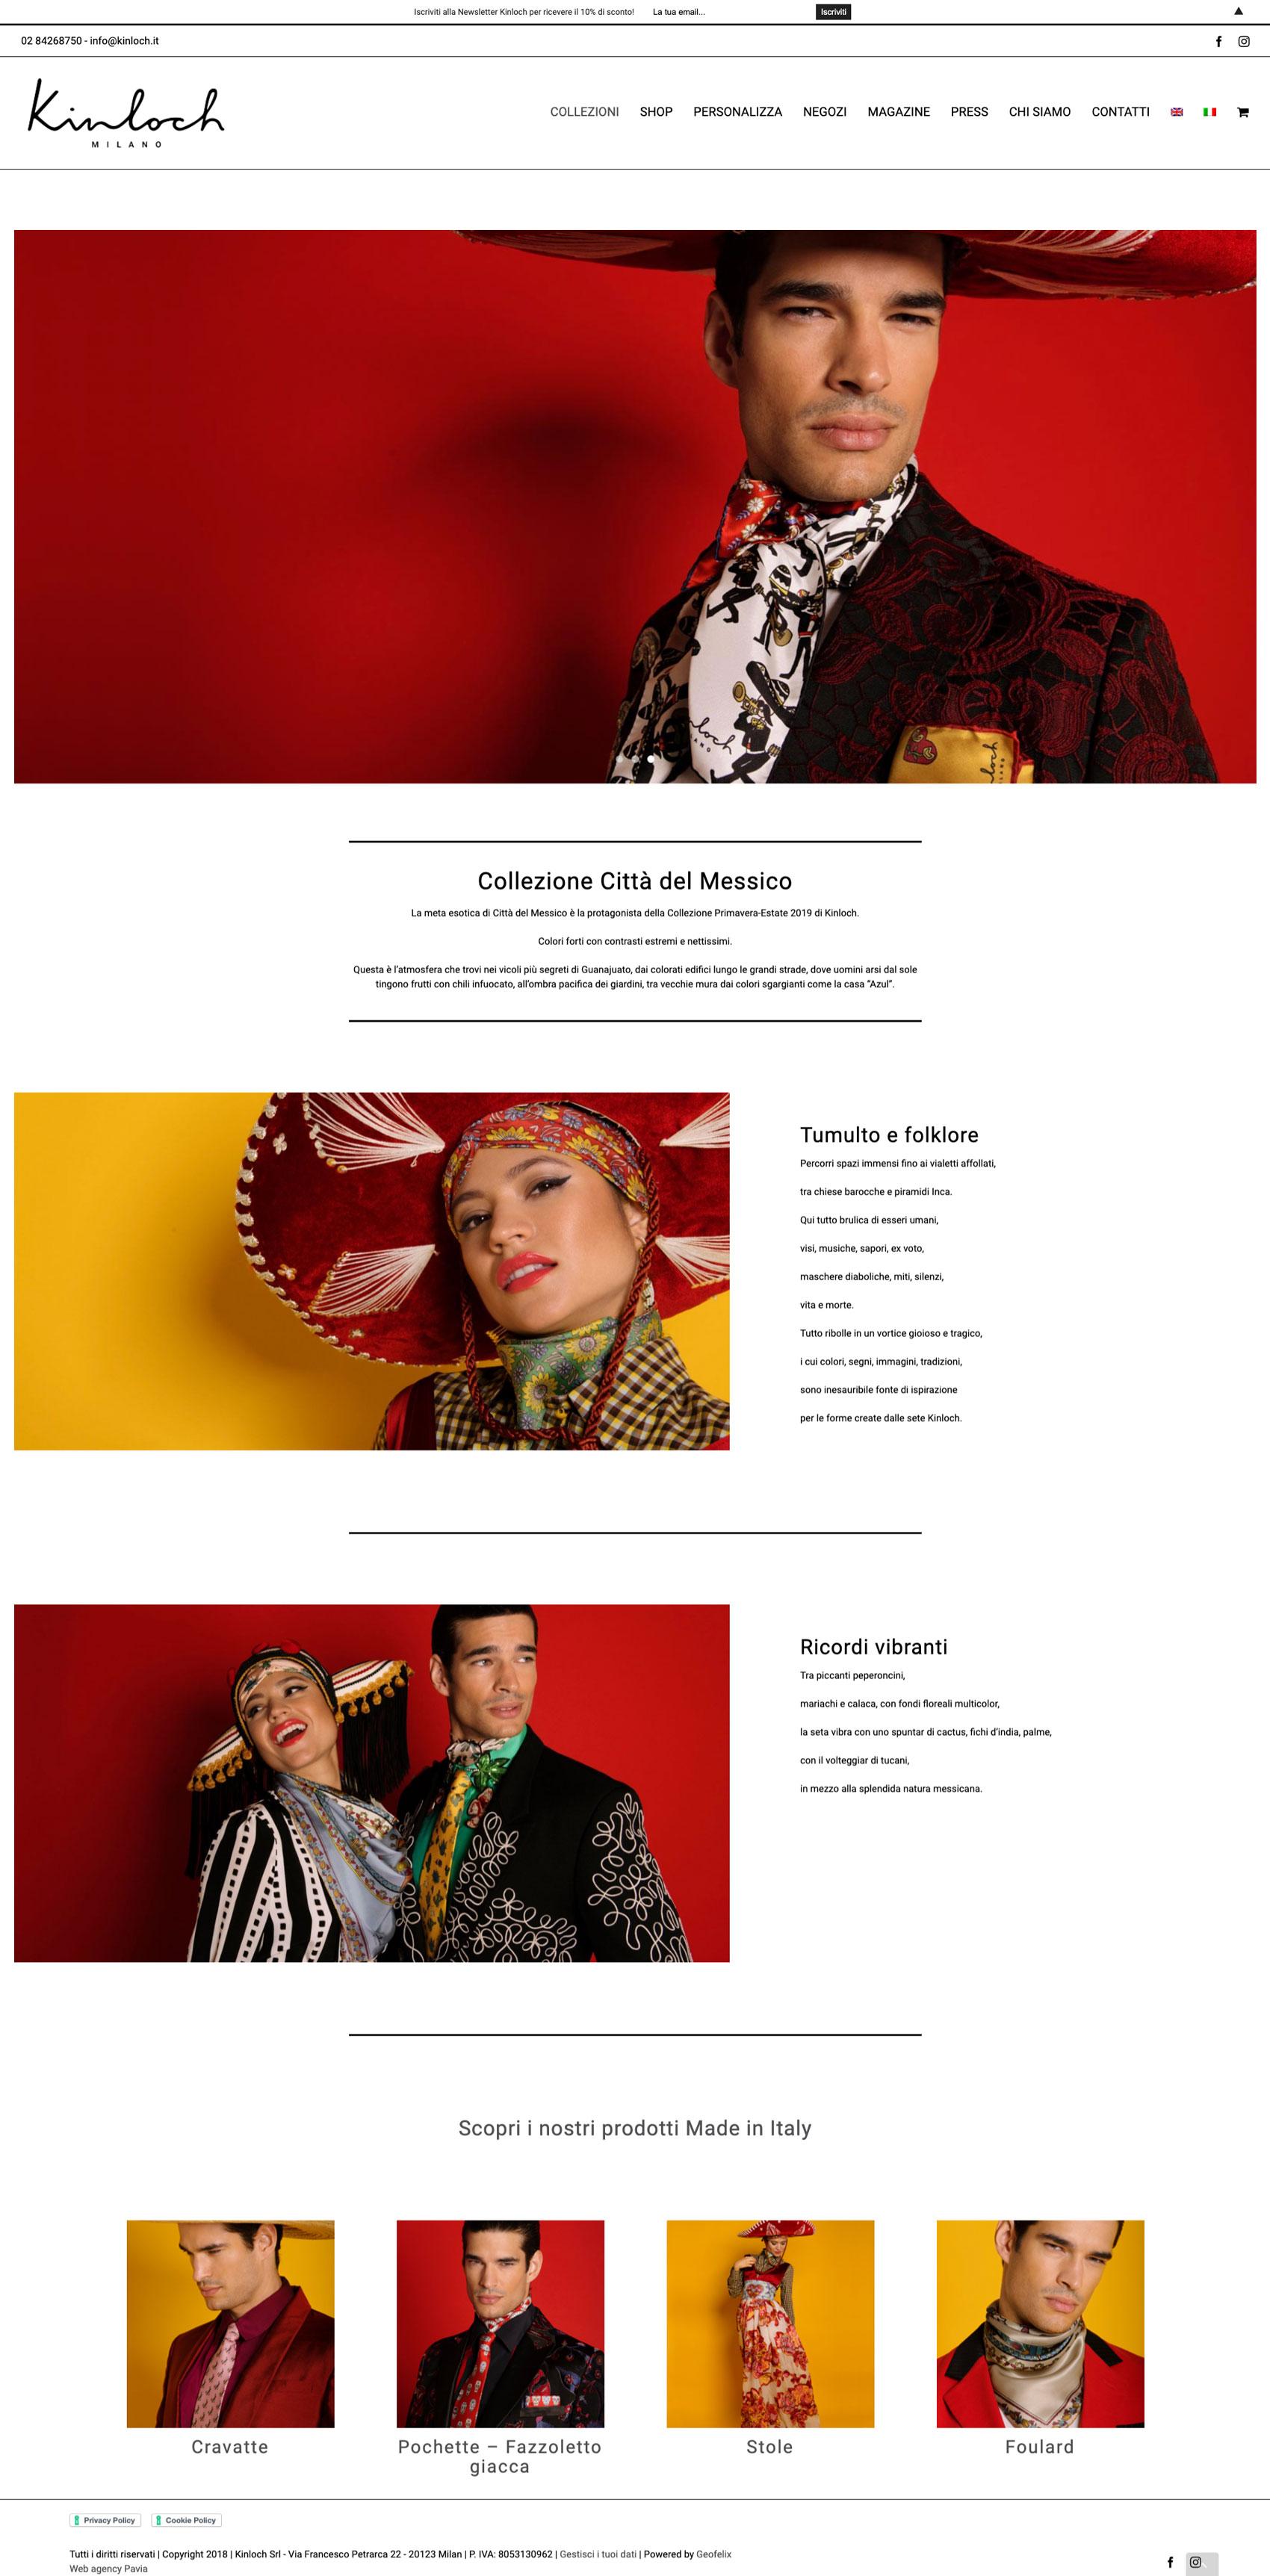 creazione-ecommerce-abbigliamento-moda